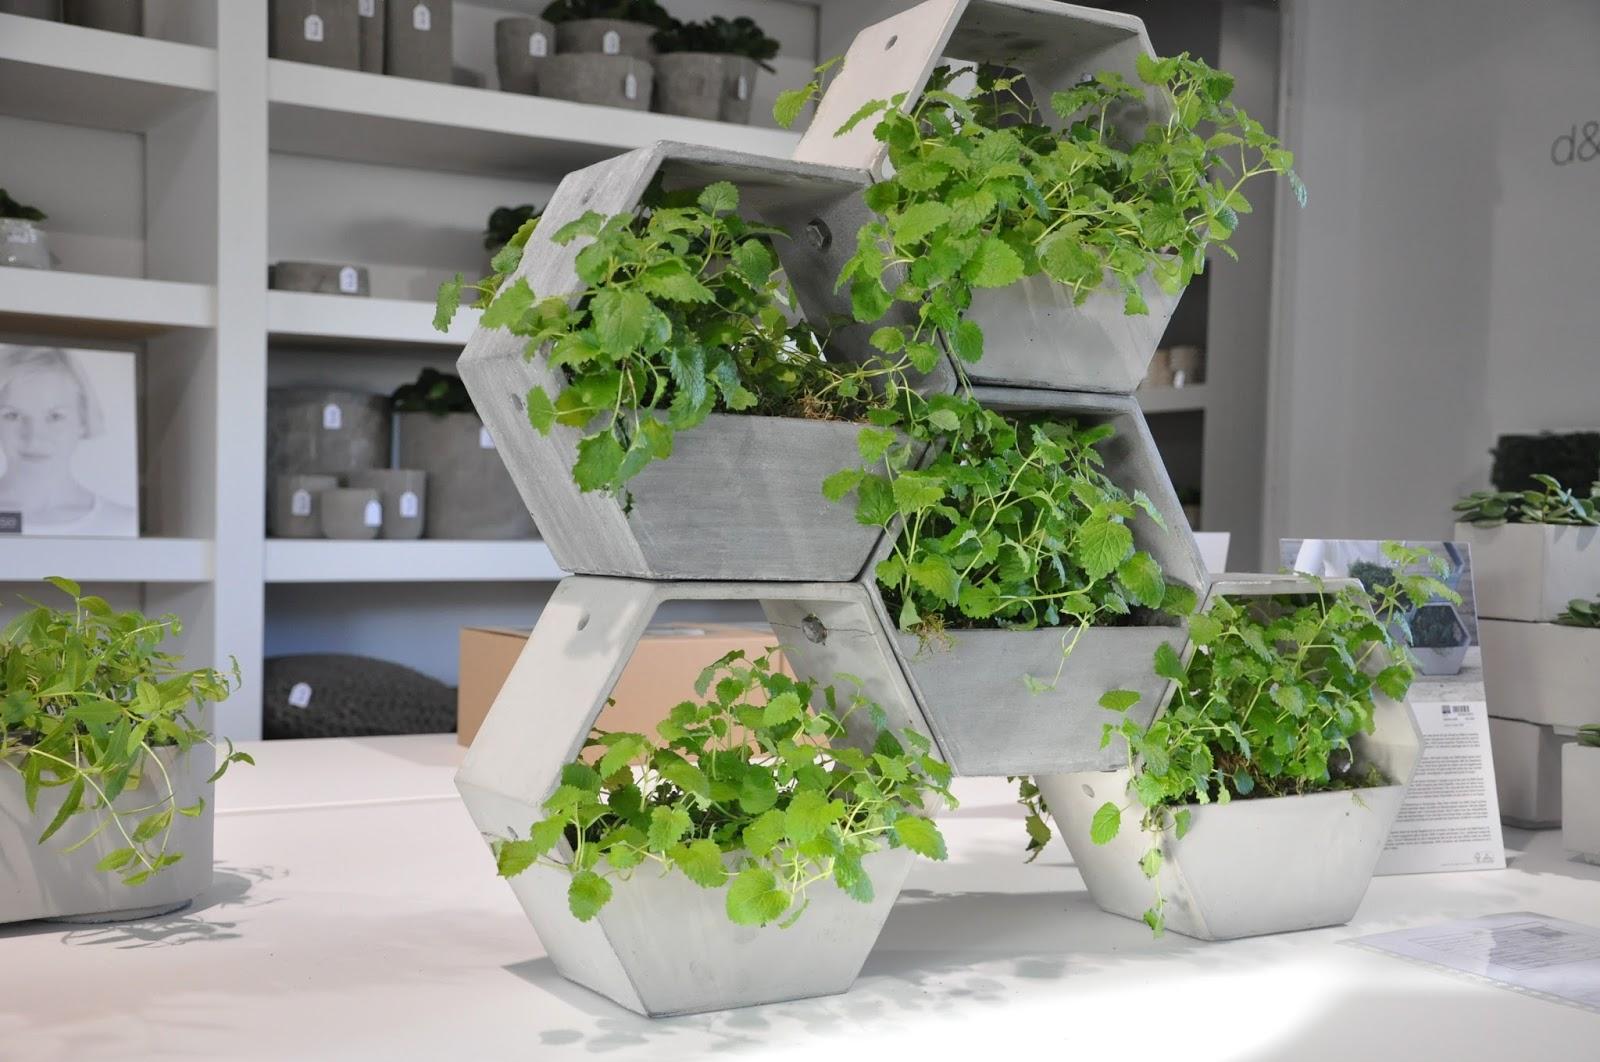 6 id es d co pour vos plantes vertes blog d co mydecolab - Petite plante de bureau ...